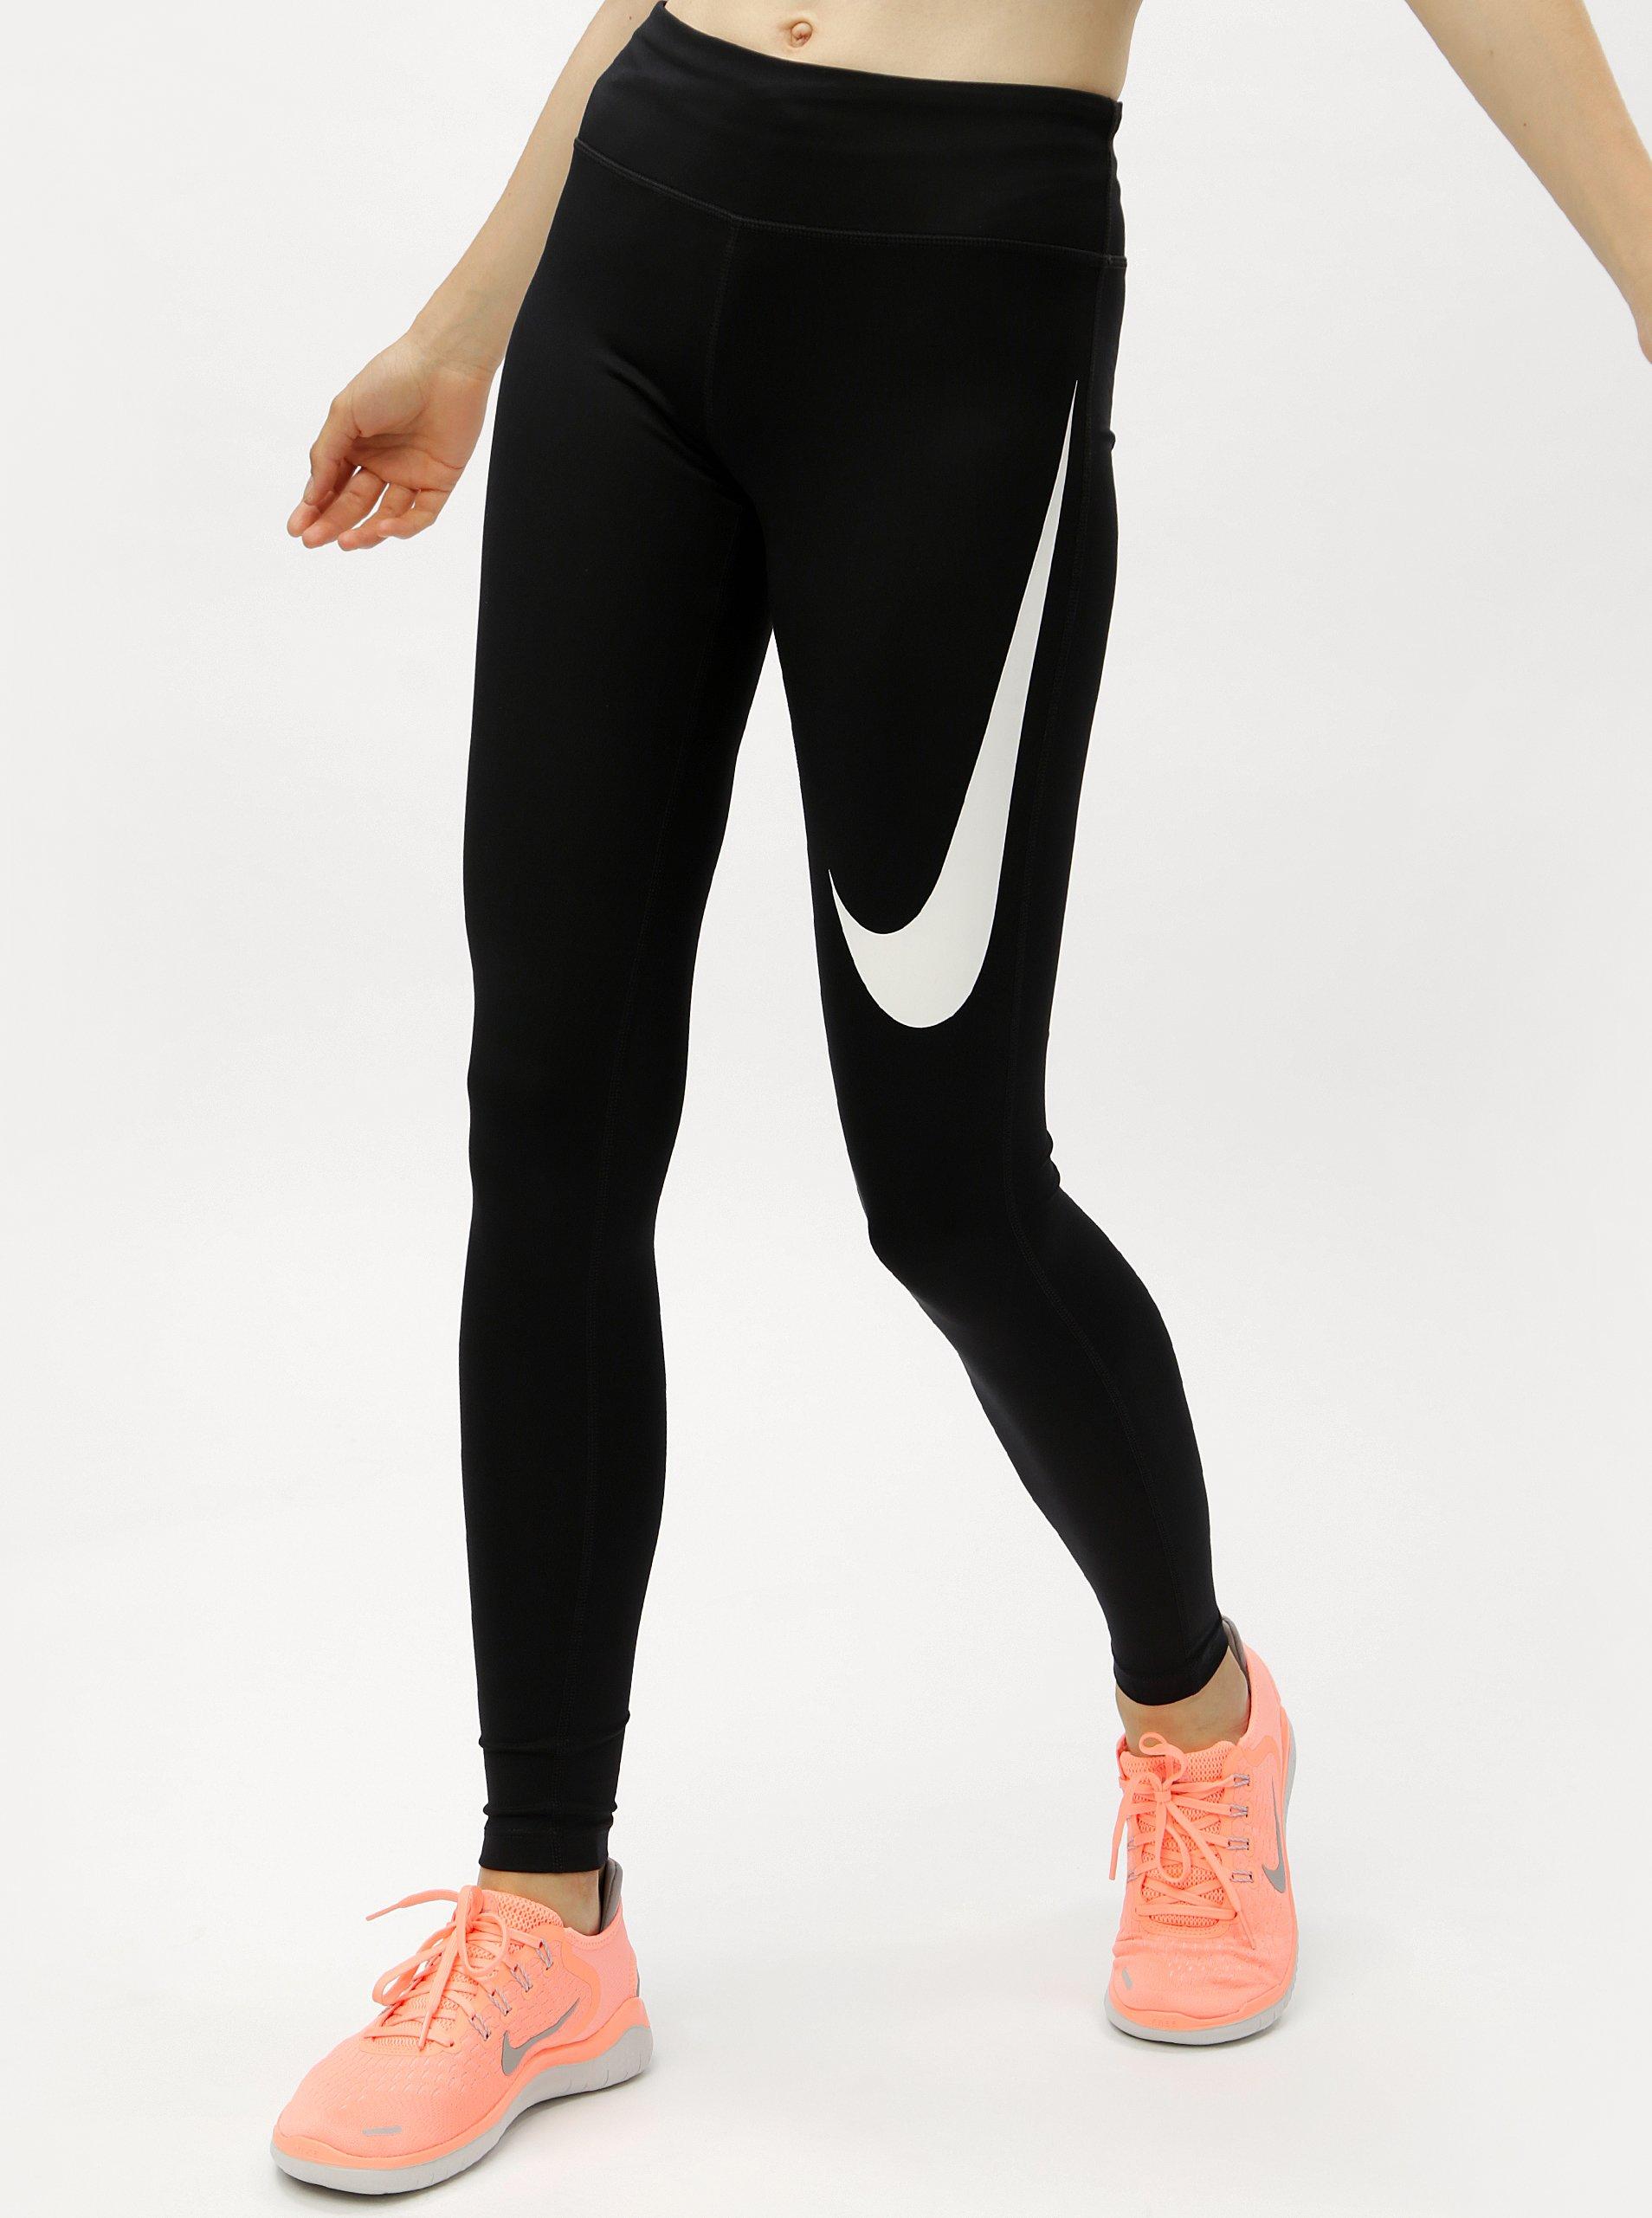 ba183dac920a0 Čierne dámske funkčné legíny s vreckami Nike